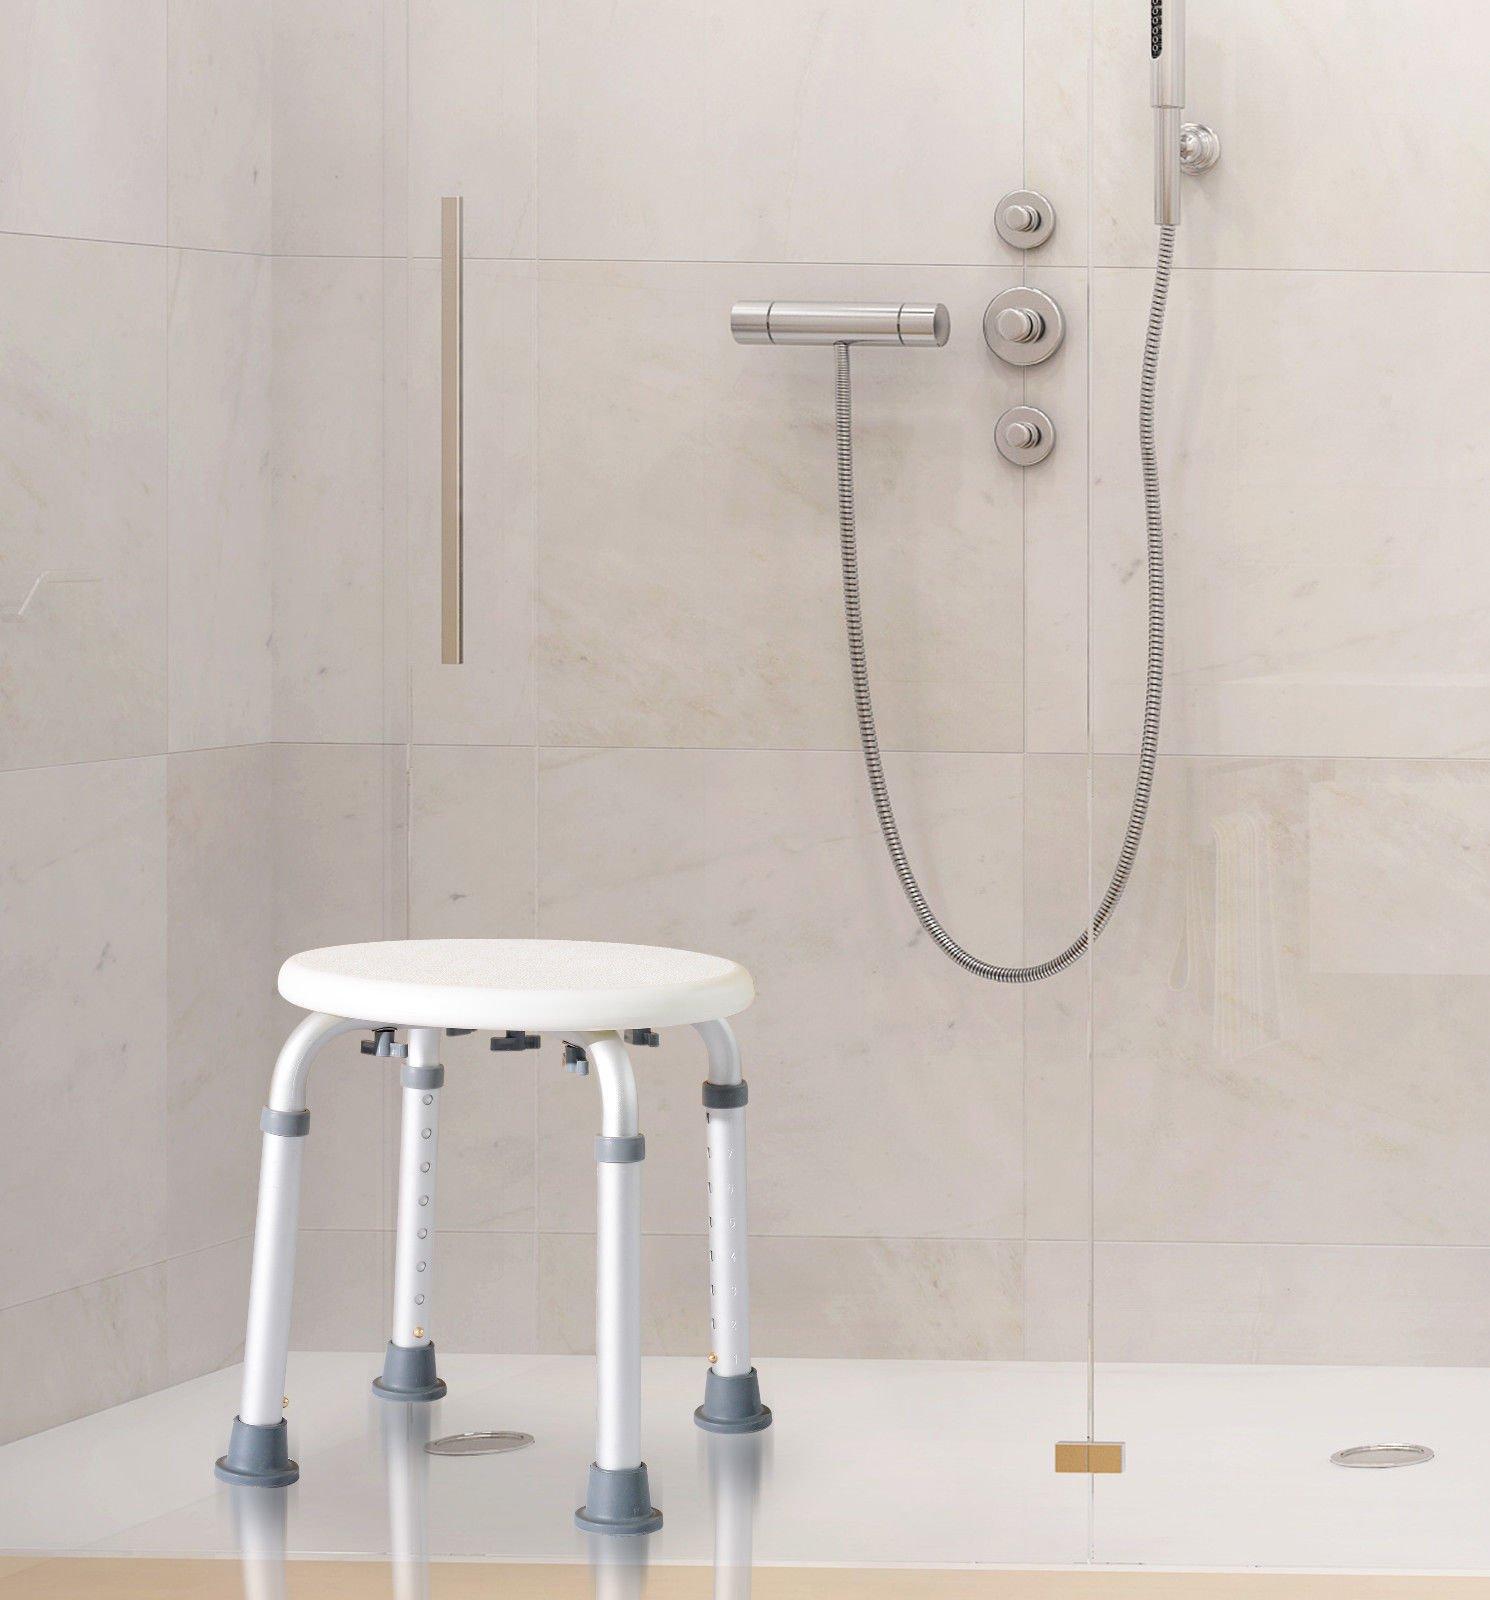 GHP 12.6''-13.5'' Lx12.6-13.5'' Wx13.7-20.6'' H White Bathroom Medical Aid Armed Chair